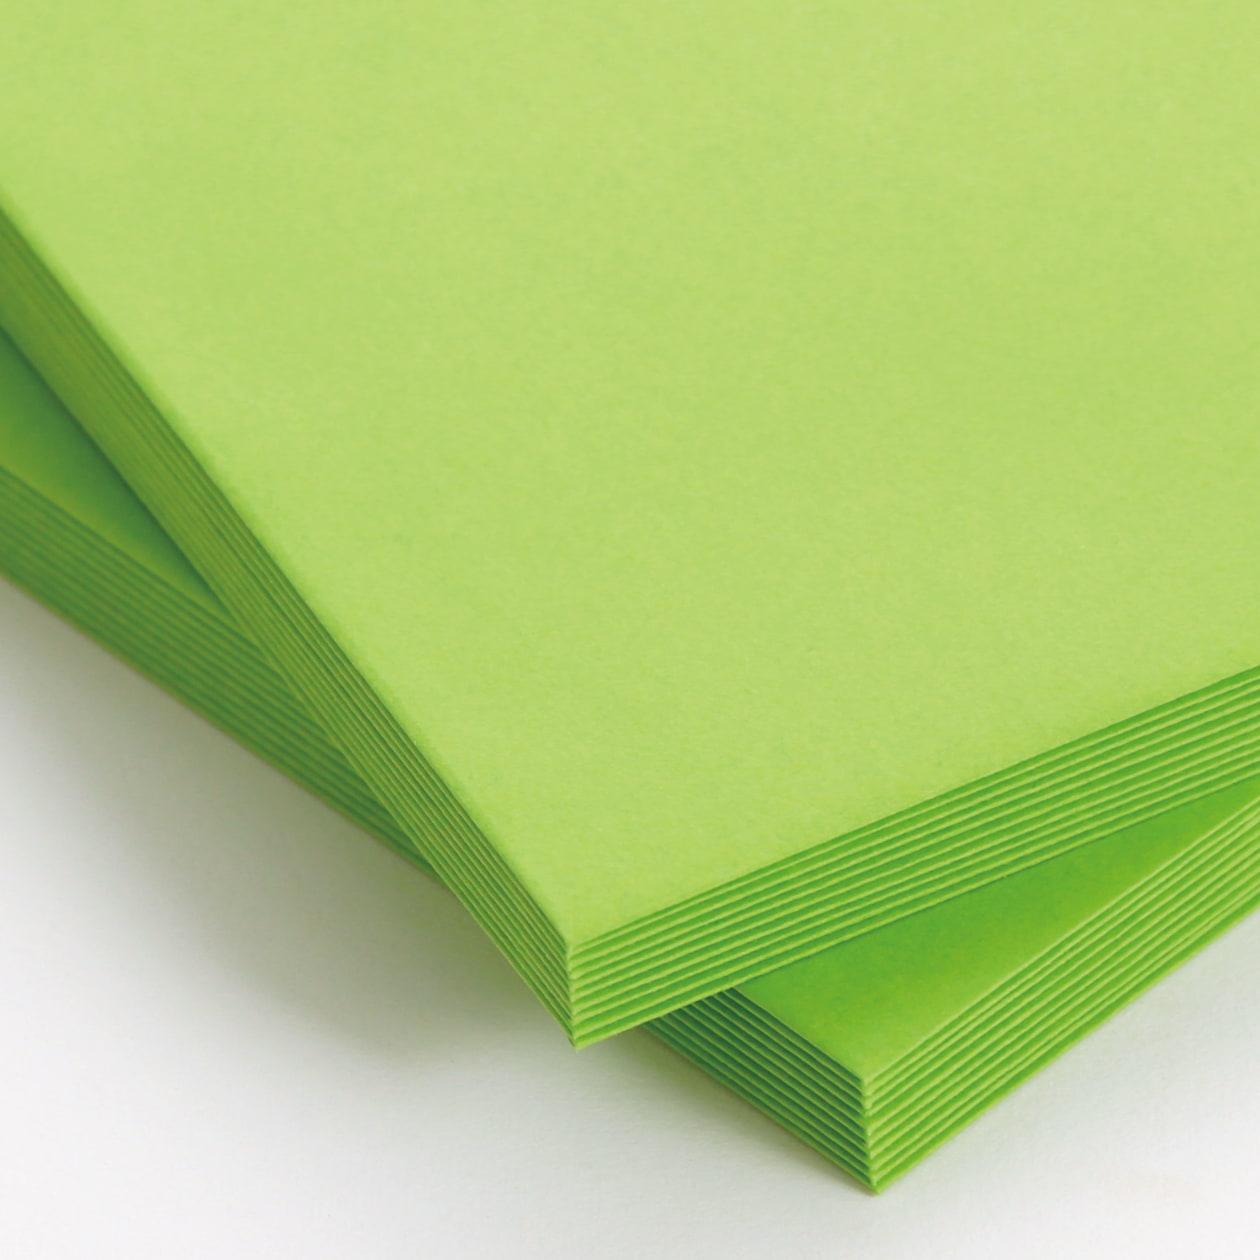 角2封筒 コニーカラー グリーン 85g